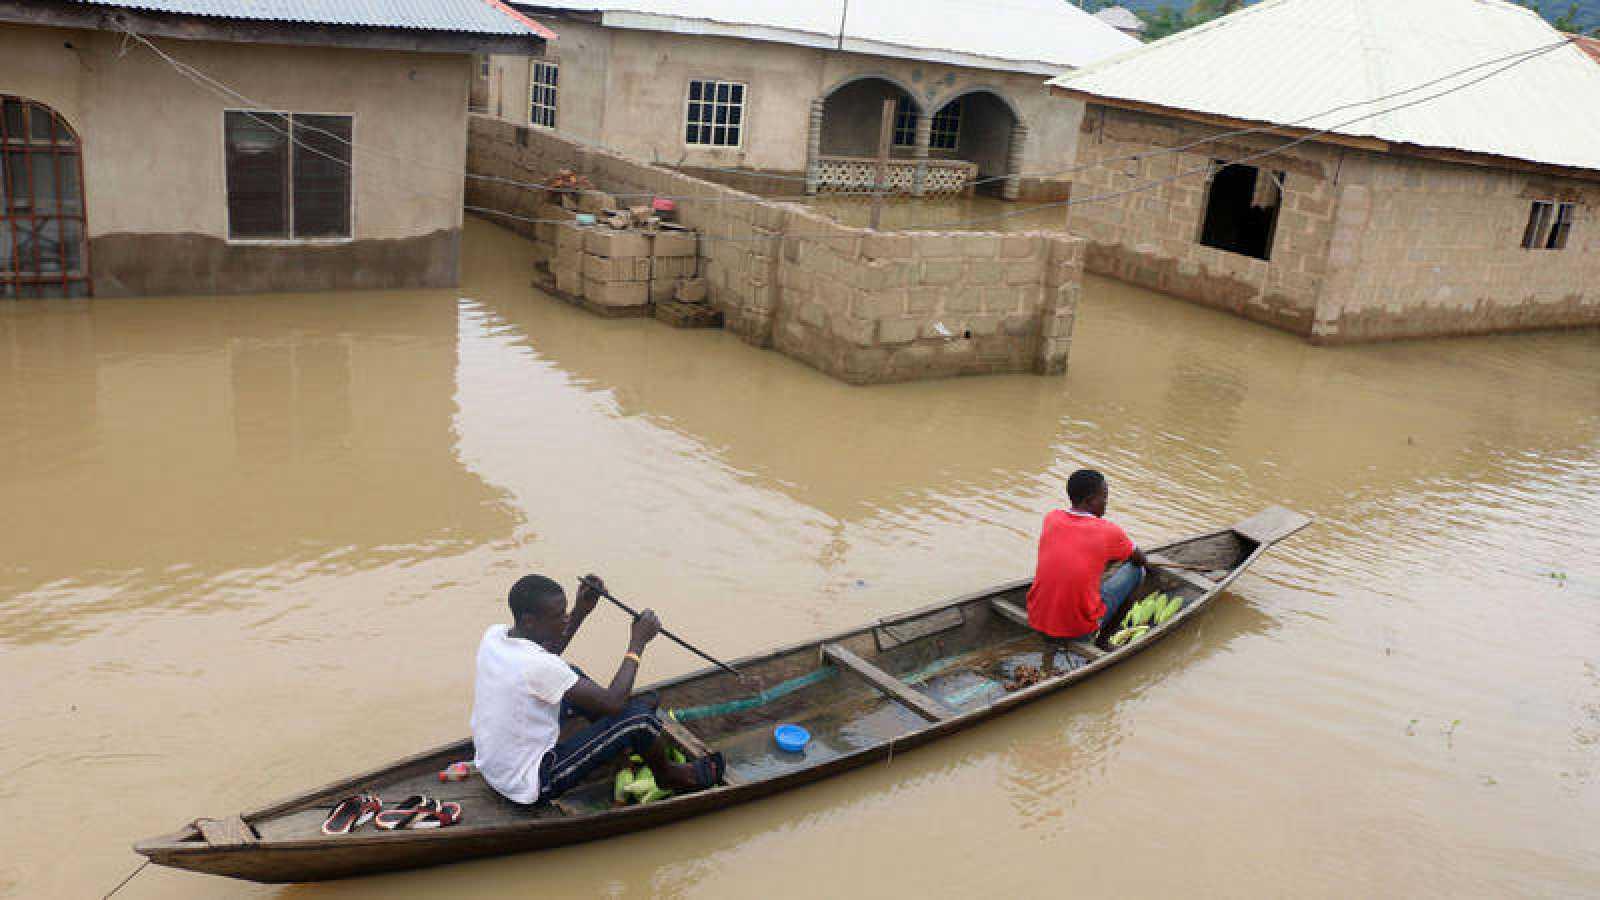 Un canoa avanza entre las casa inundadas en la ciudad de Lokoja, Nigeria